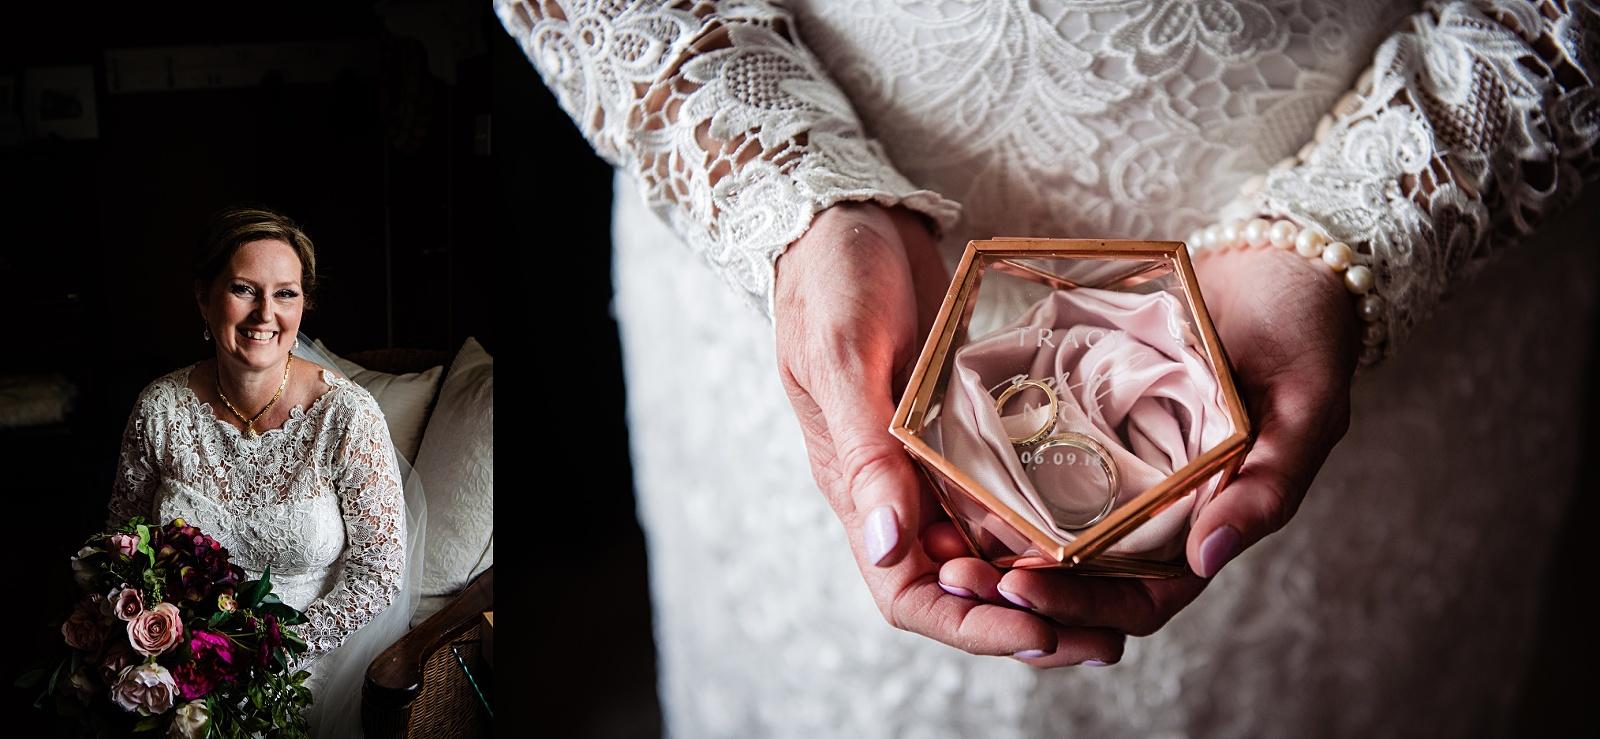 Magrath Mansion Wedding, muttart conservatory Wedding, Edmonton Wedding Photography, Wedding photography Edmonton, St Albert Wedding photographers, Urban edmonton Wedding, Edmonton Wedding photographers, Edmonton Bride, Edmonton Wedding photographer